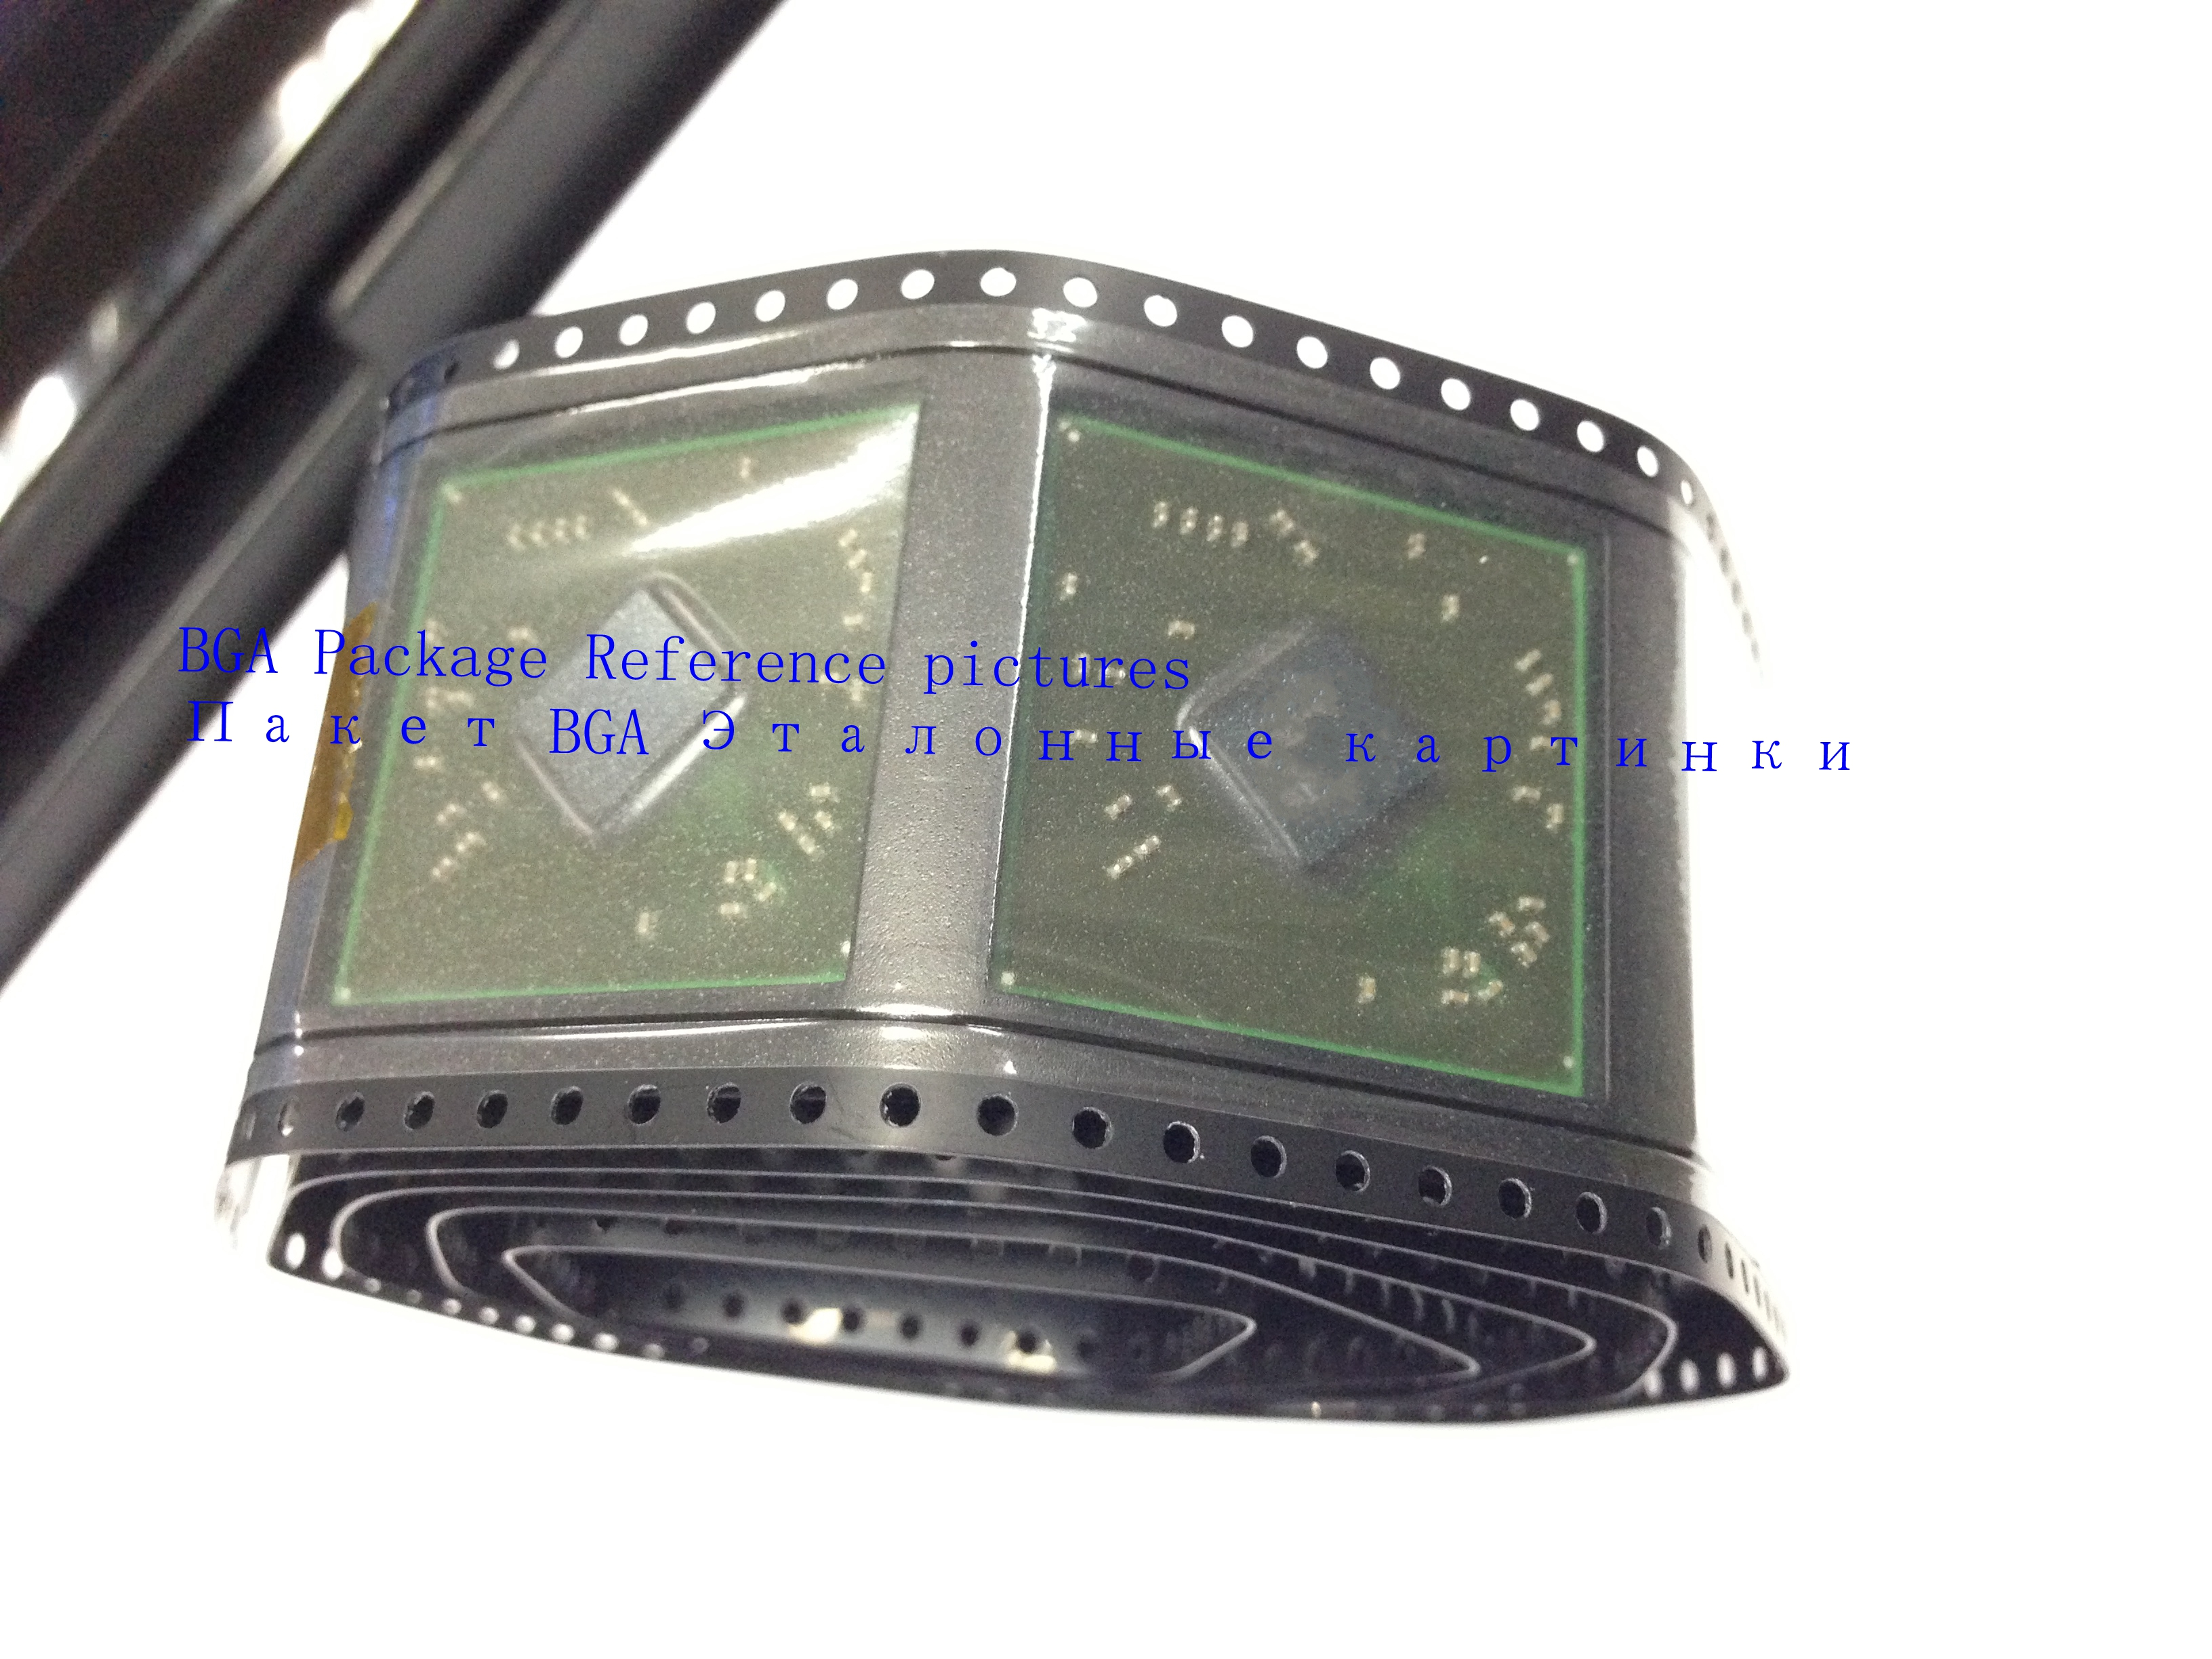 1 adet/grup 100% Yeni MSD309PX-LF-Z1 MSD309PX LF Z1 BGA Yonga Seti1 adet/grup 100% Yeni MSD309PX-LF-Z1 MSD309PX LF Z1 BGA Yonga Seti